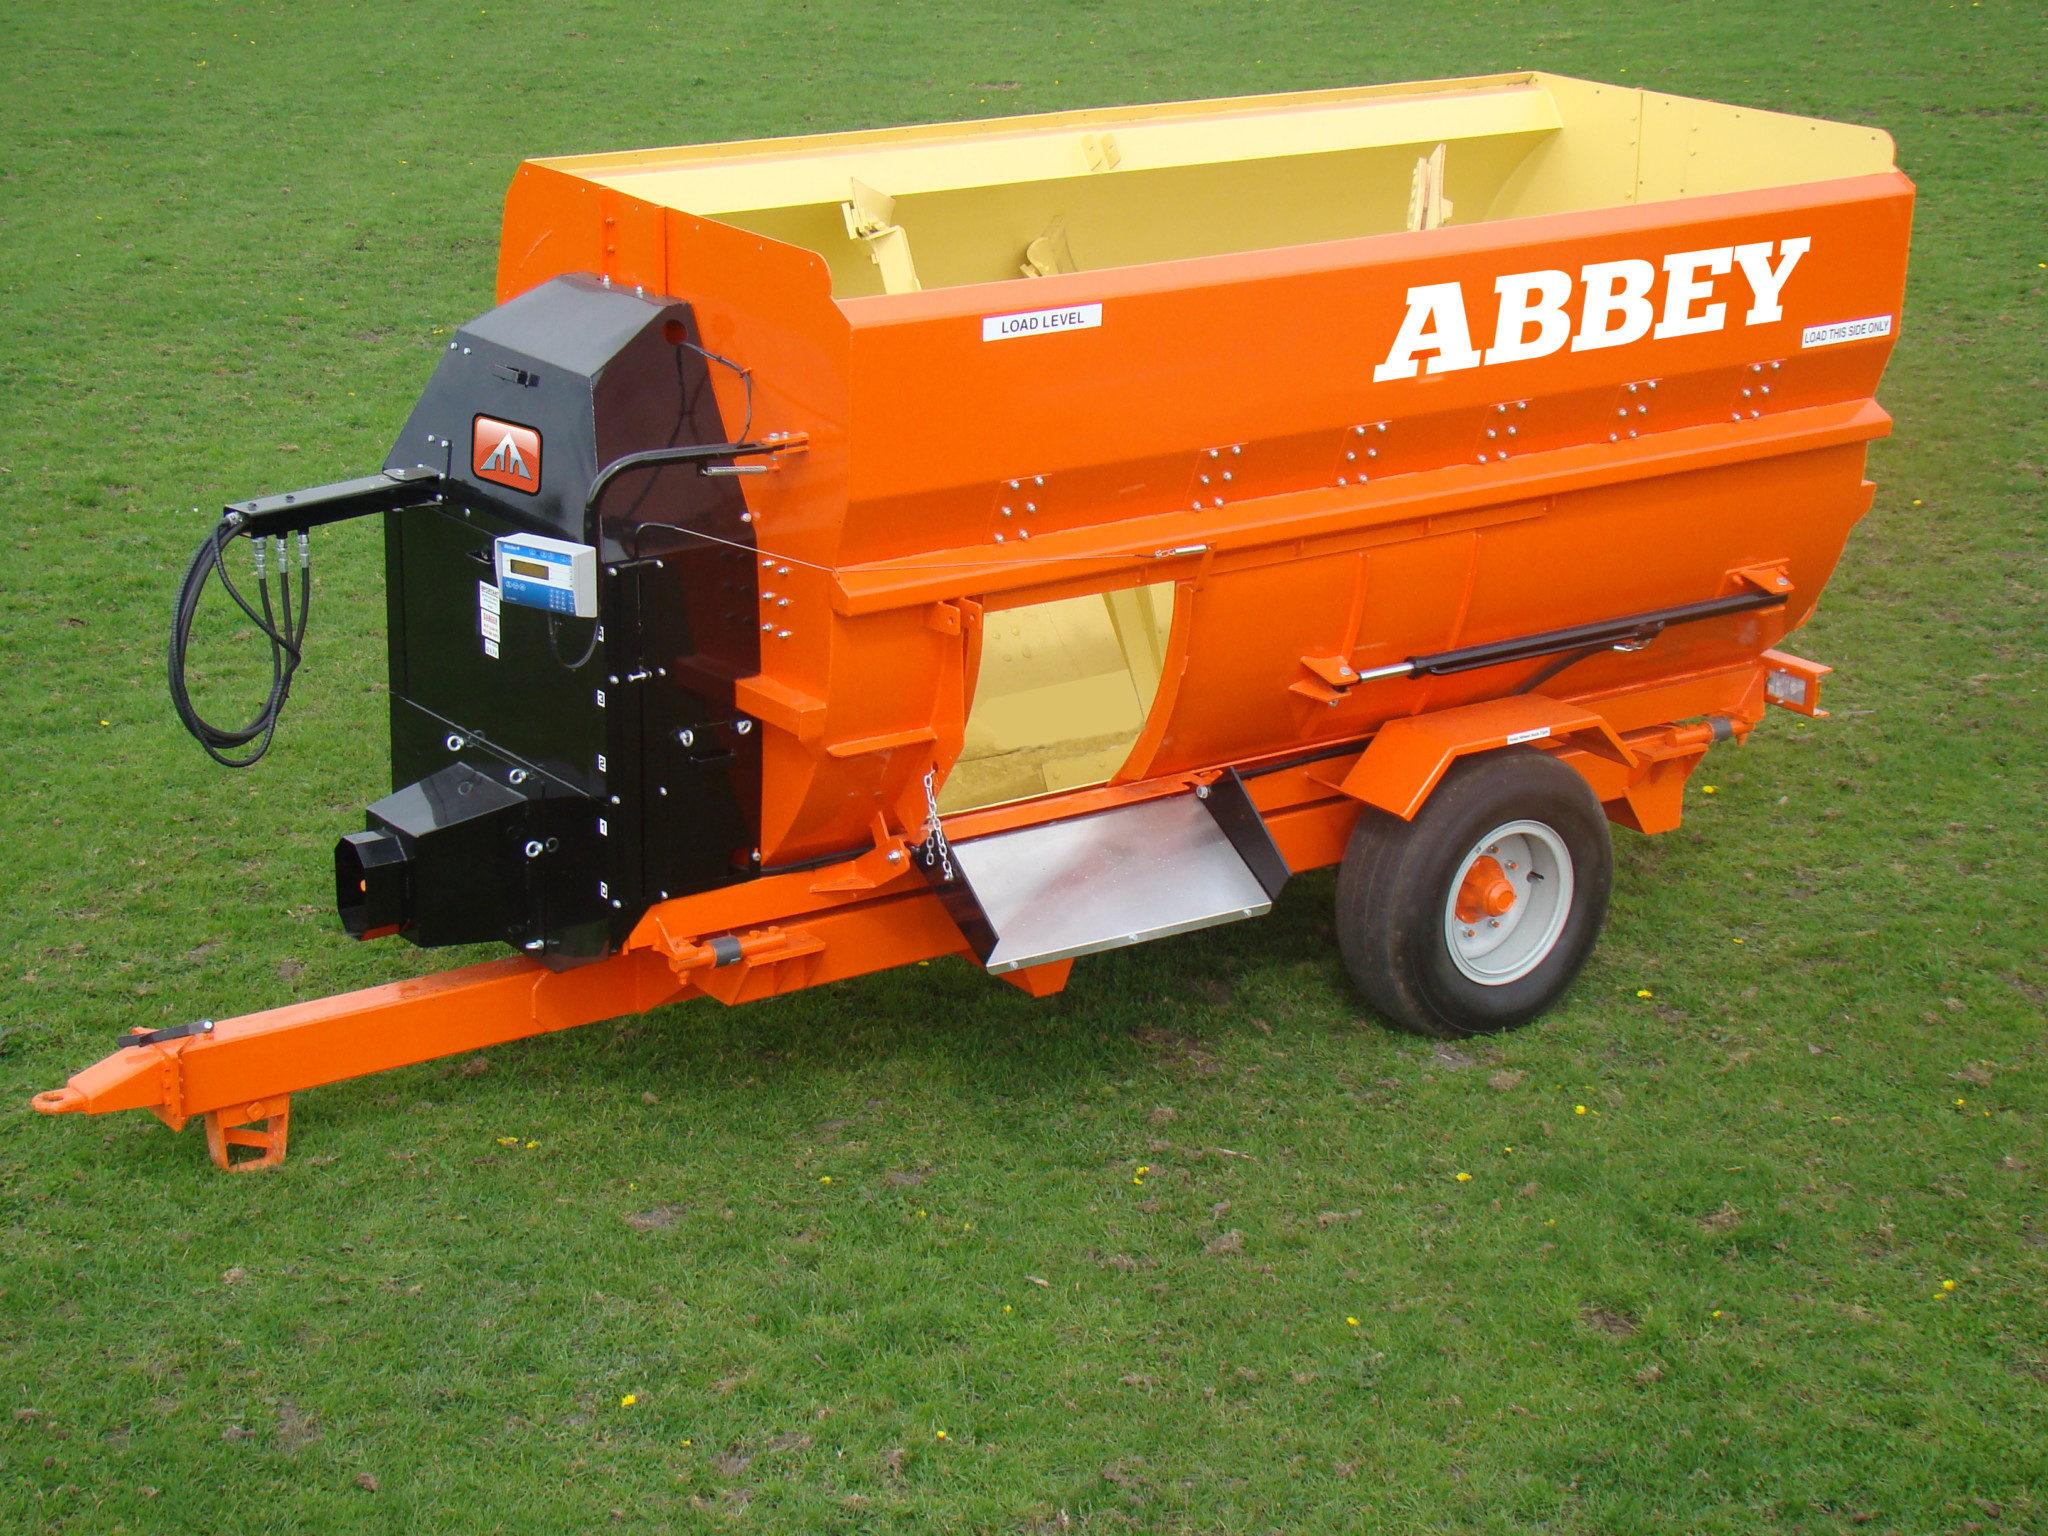 Abbey Paddle Feeder Machinery Range